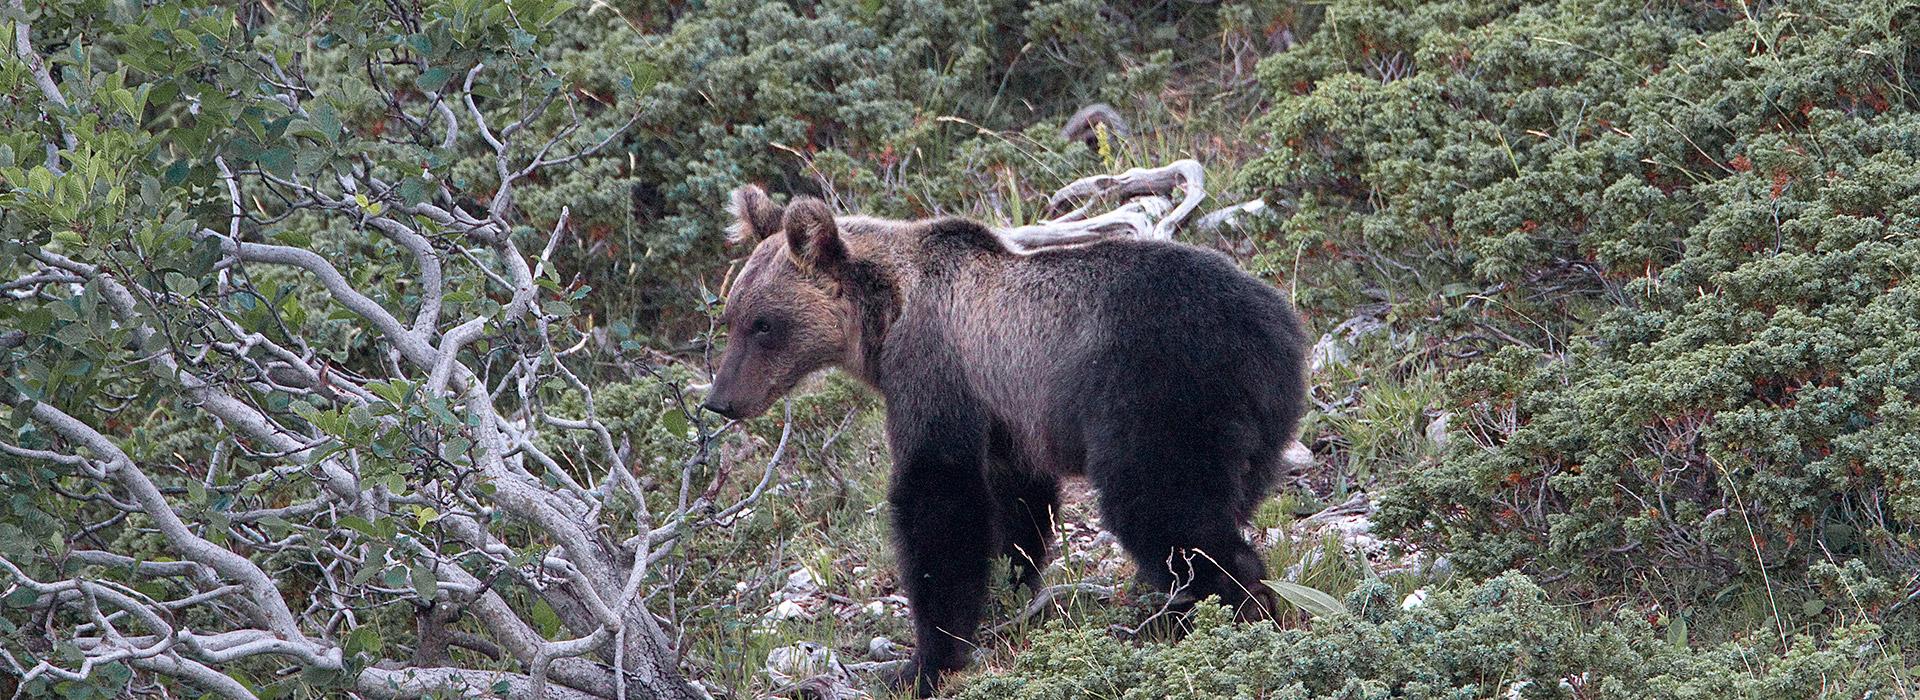 Marsican brown bear (Ursus arctos marsicanus) (Photo: Salviamo L'Orso)